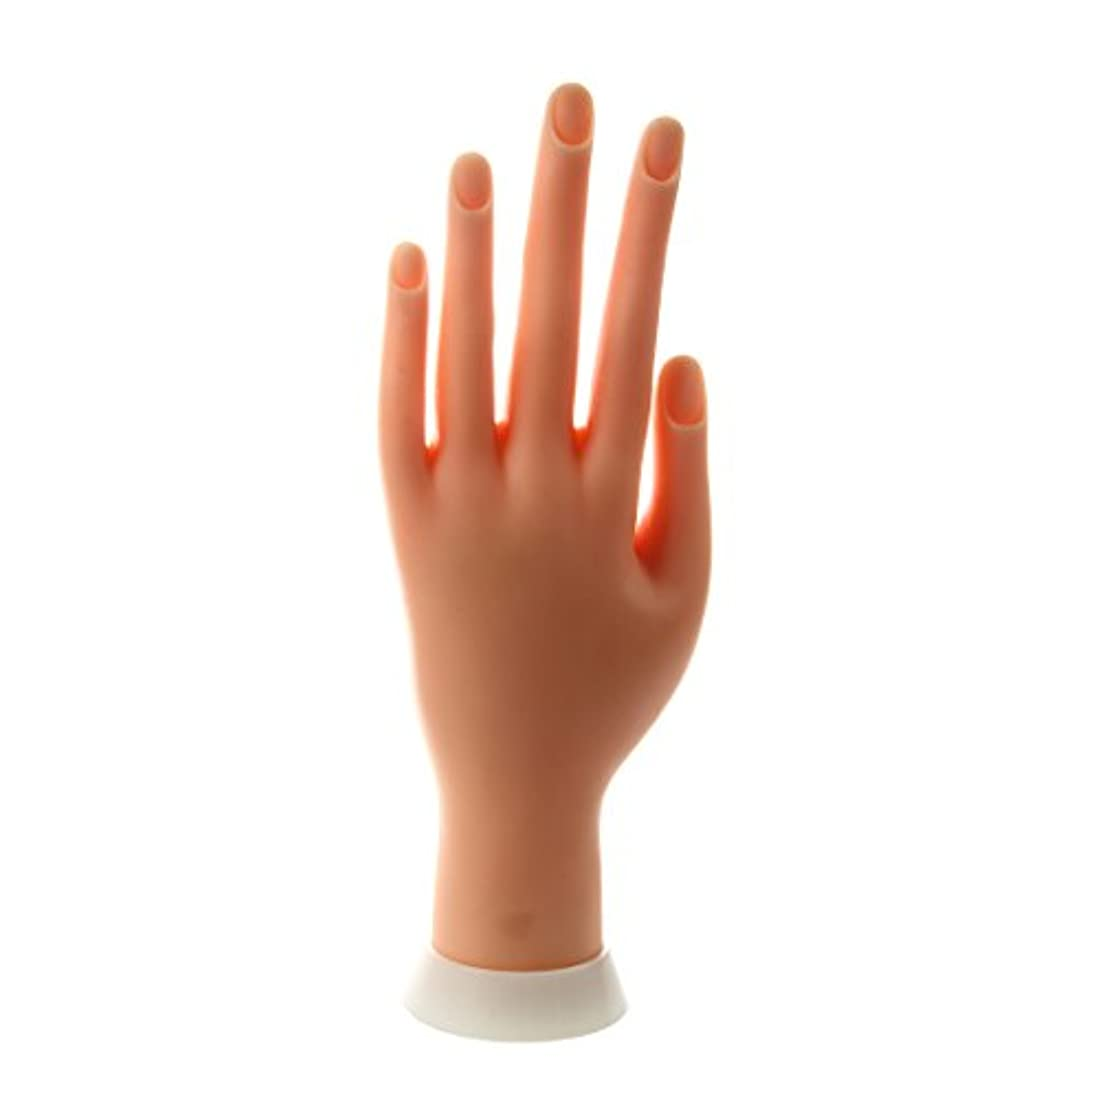 ギャラントリーストラトフォードオンエイボン農夫ACAMPTAR ACAMPTAR(R) ネイルアートの練習のためのモデル左手